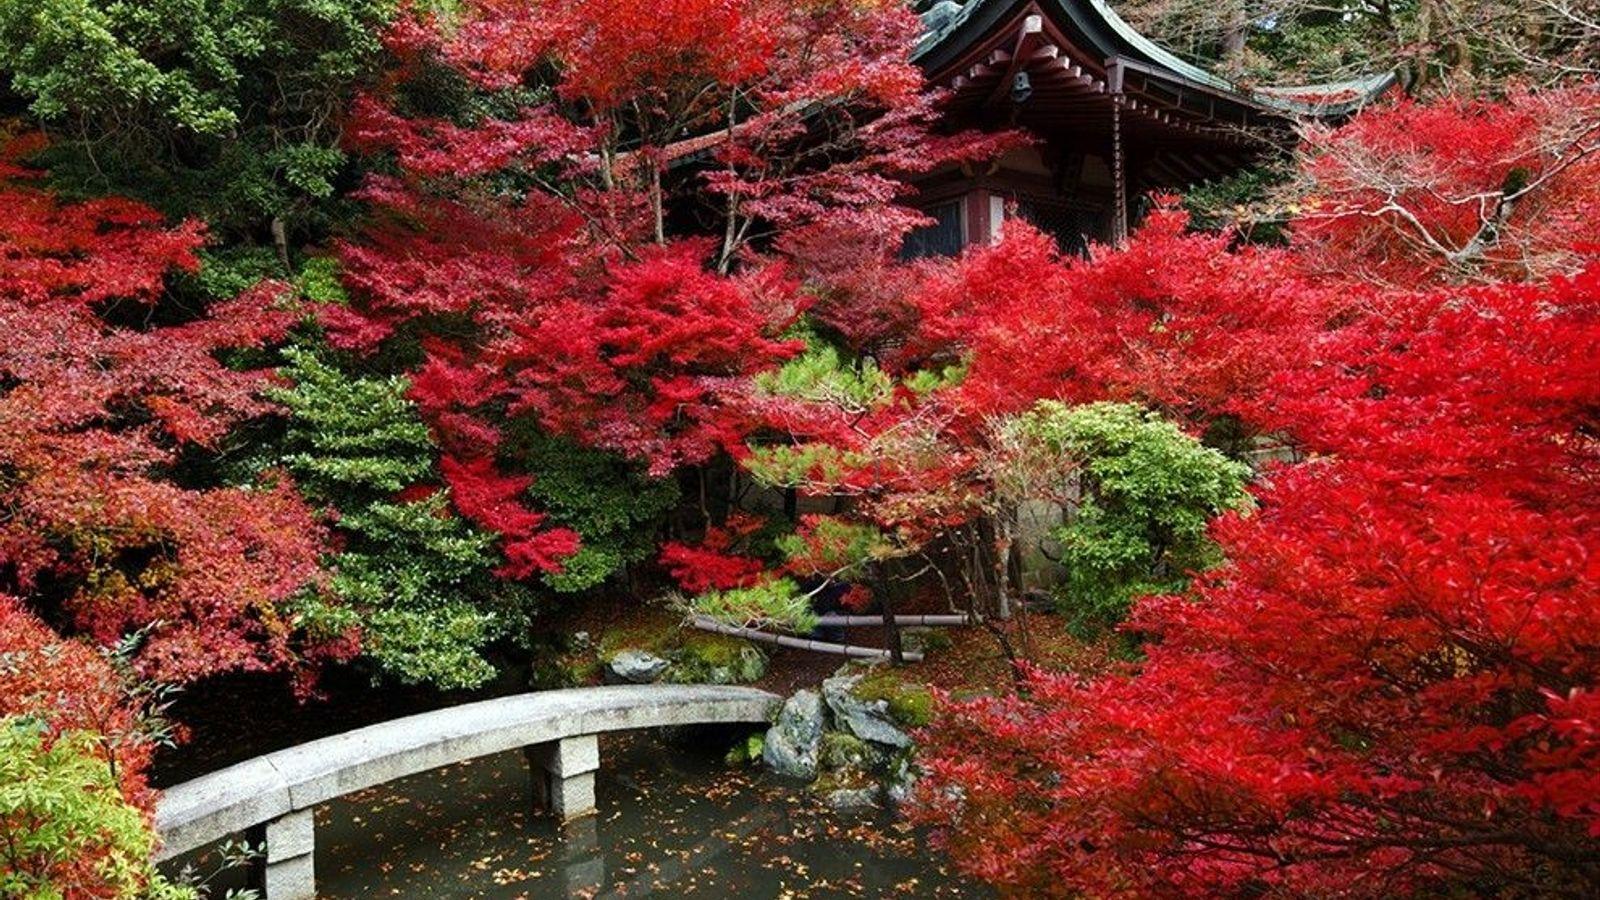 Un temple japonais au milieu des feuillages colorés, à Kyoto.